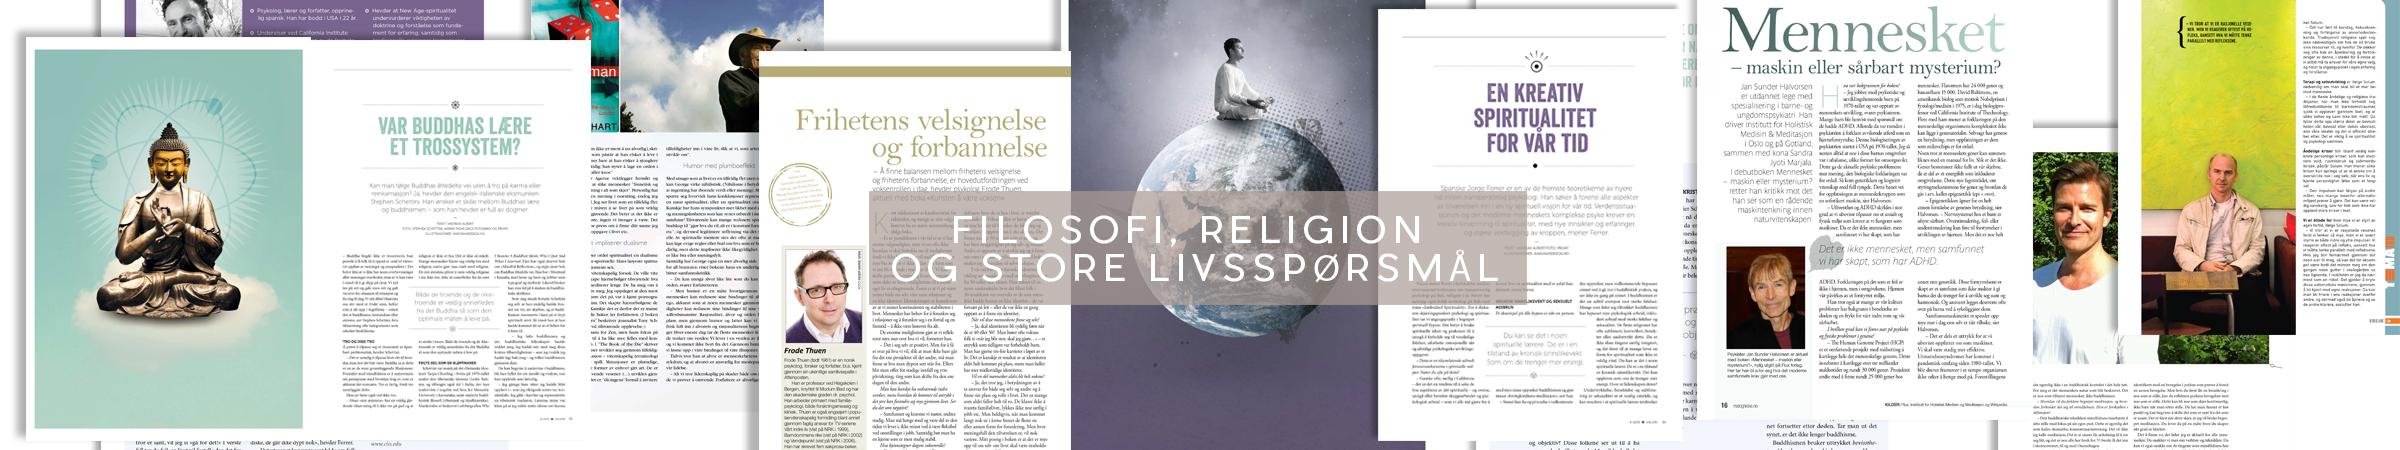 Filosofi-religion-og-store-livsspørsmål